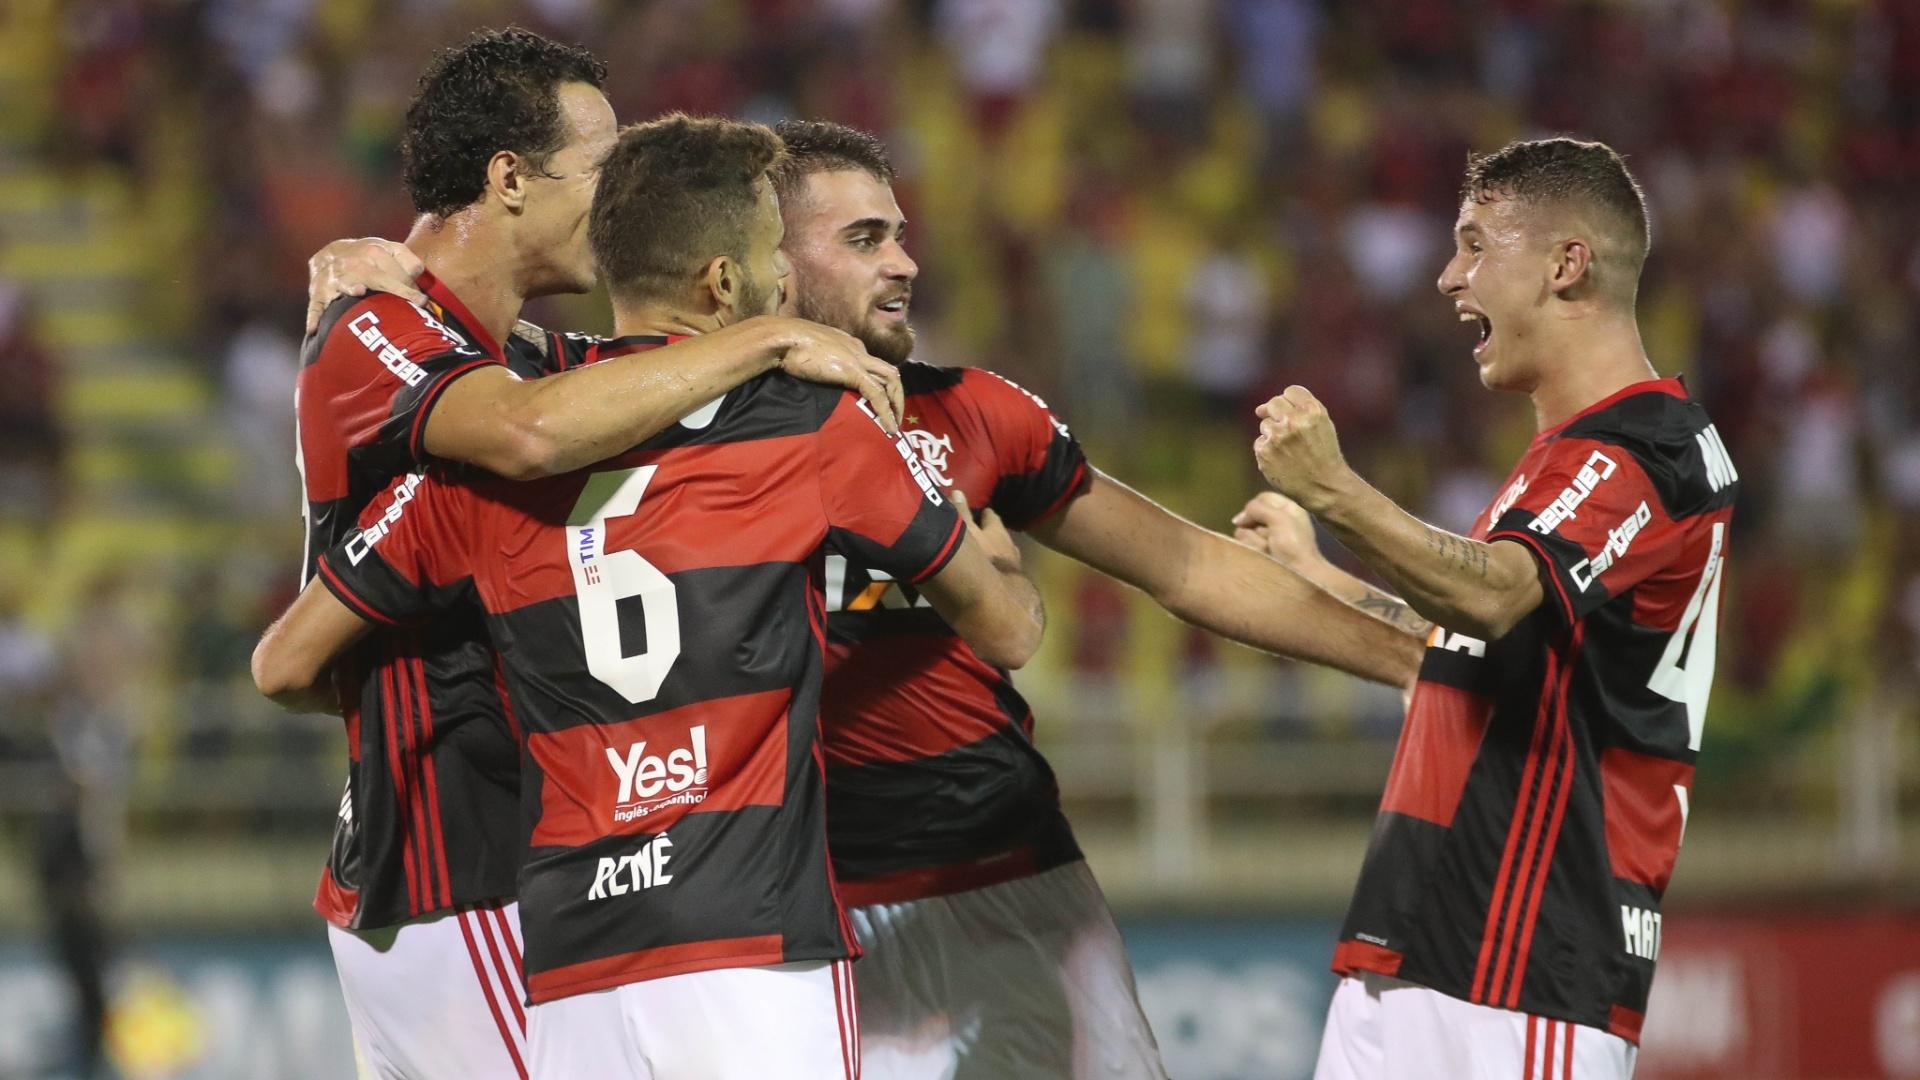 Leandro Damião, Renê e Felipe Vizeu: busca por um espaço maior no Flamengo